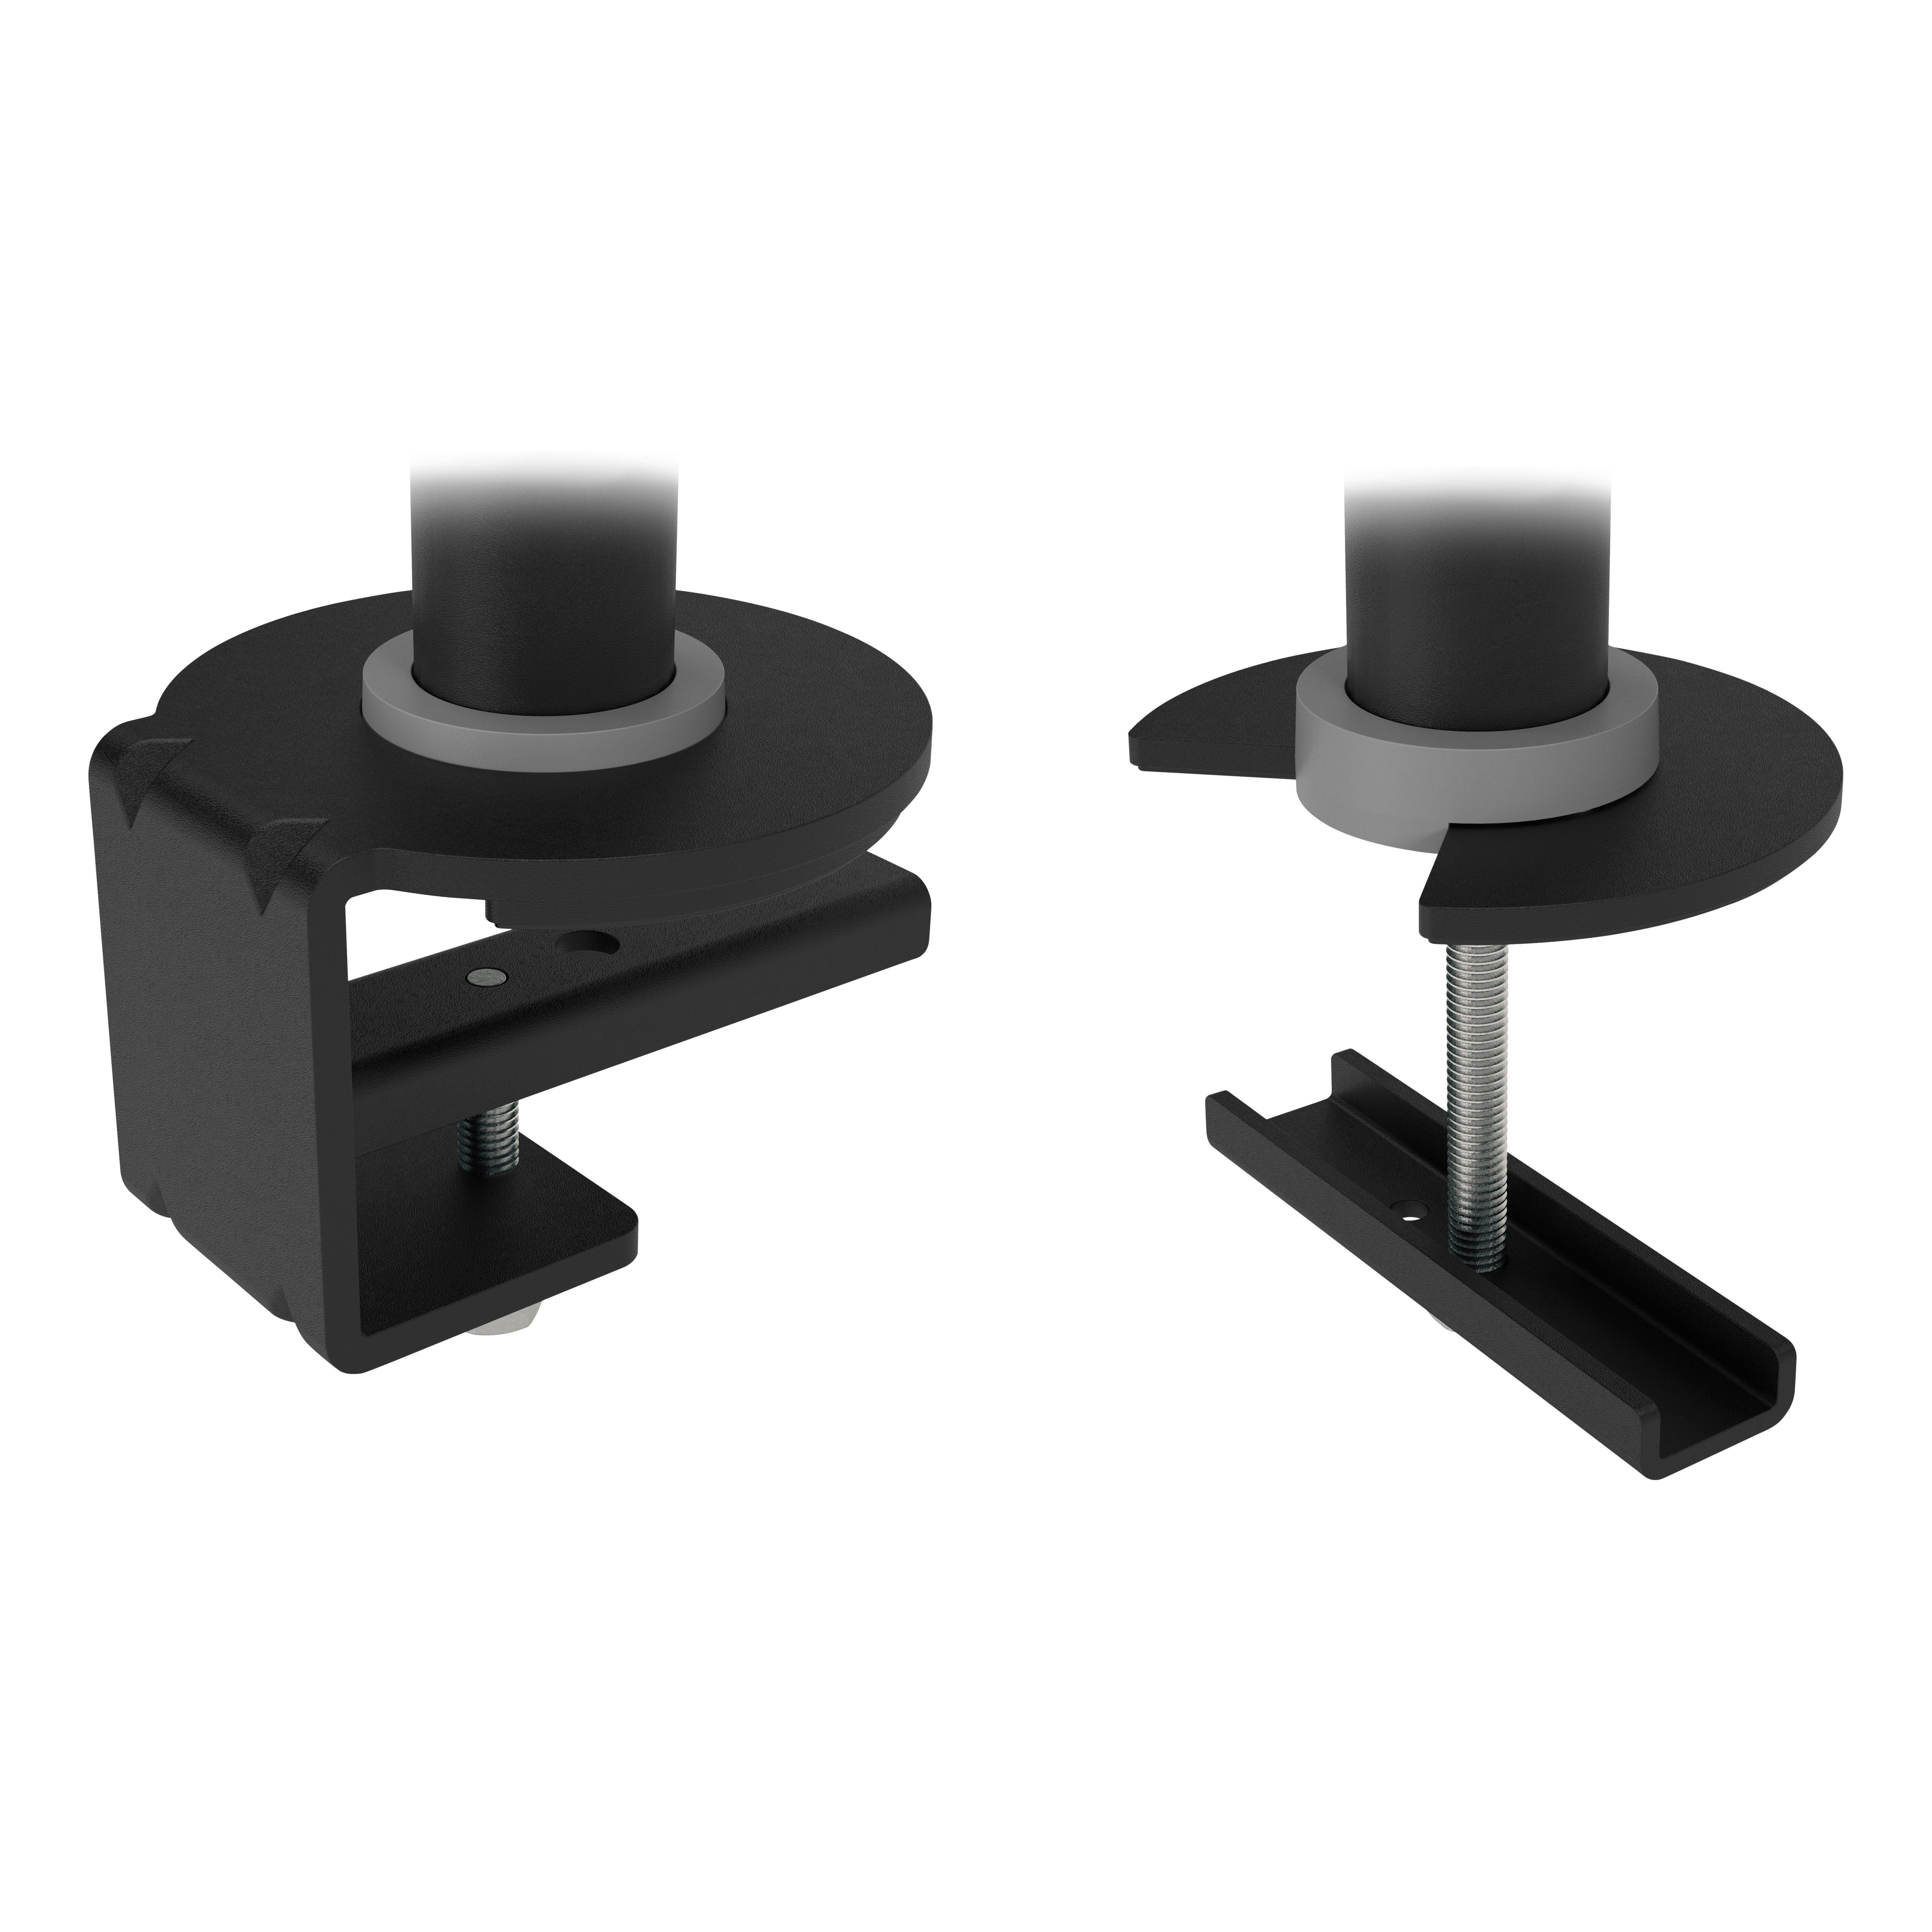 Viewgo Monitorarm Desk 133 vollbeweglich 8 kg Schwarz